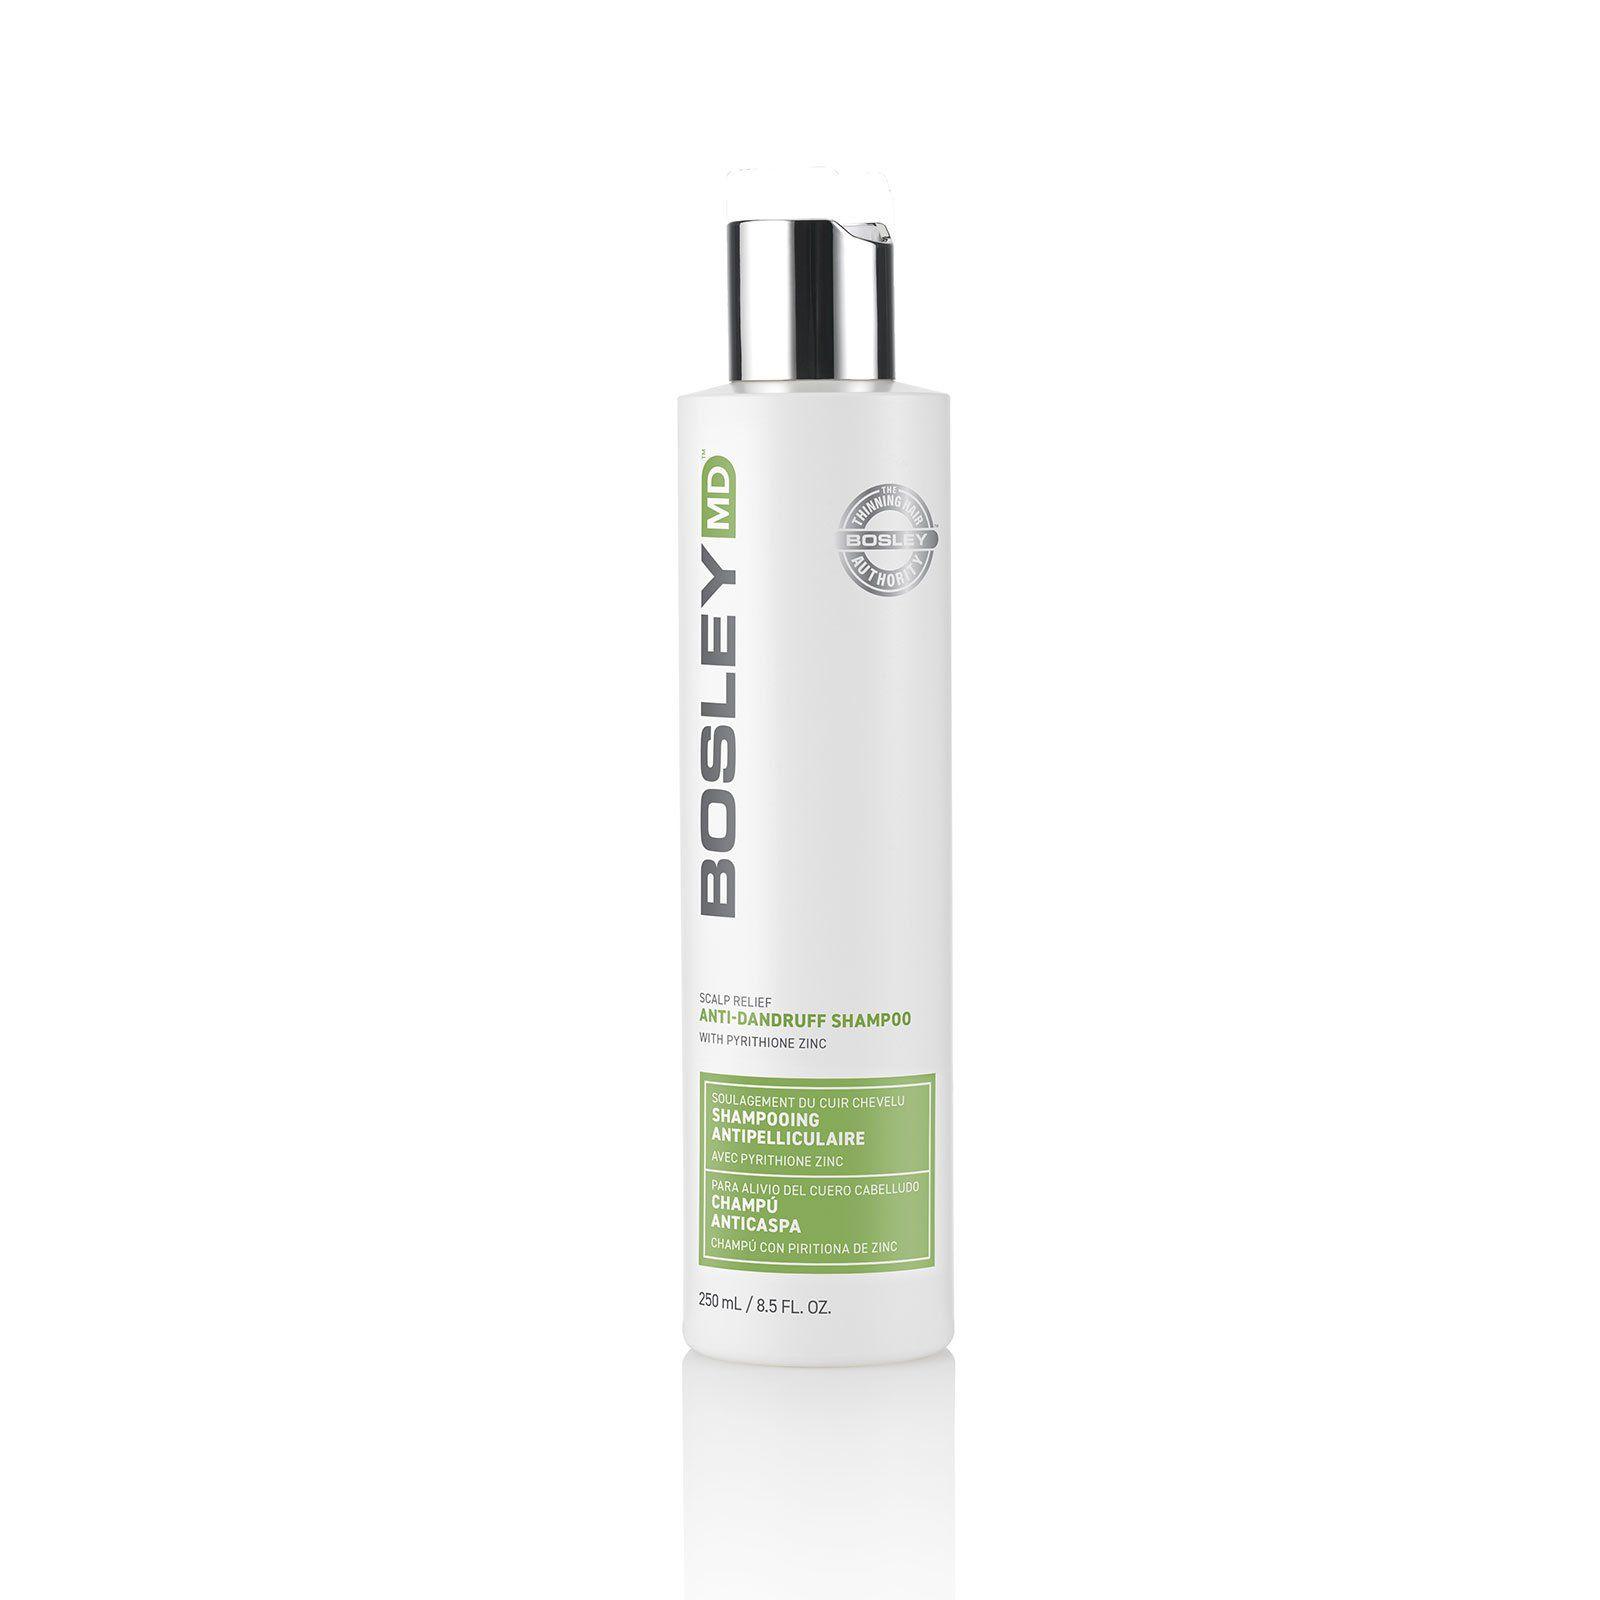 BosleyMD Anti-Dandruff Shampoo